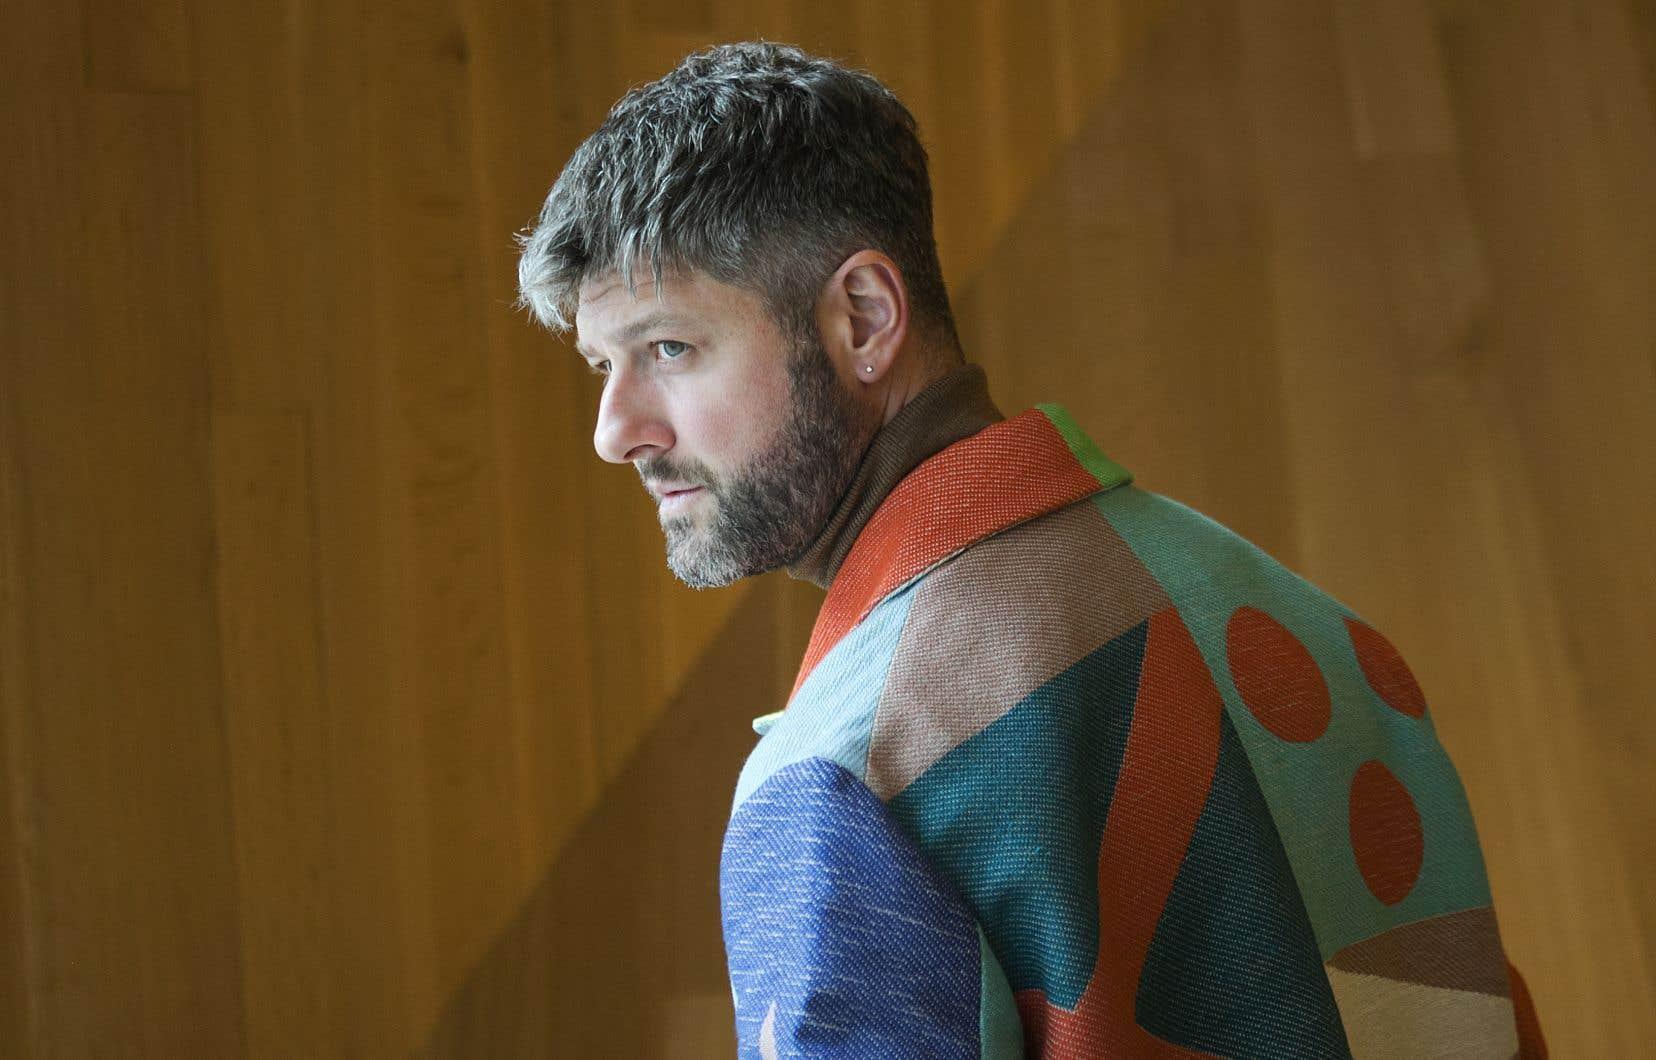 «C'est comme si on avait mis du beau bois partout, partout», raconte l'artiste Pierre Lapointe de la réalisation de son dernier album, «Pour déjouer l'ennui».